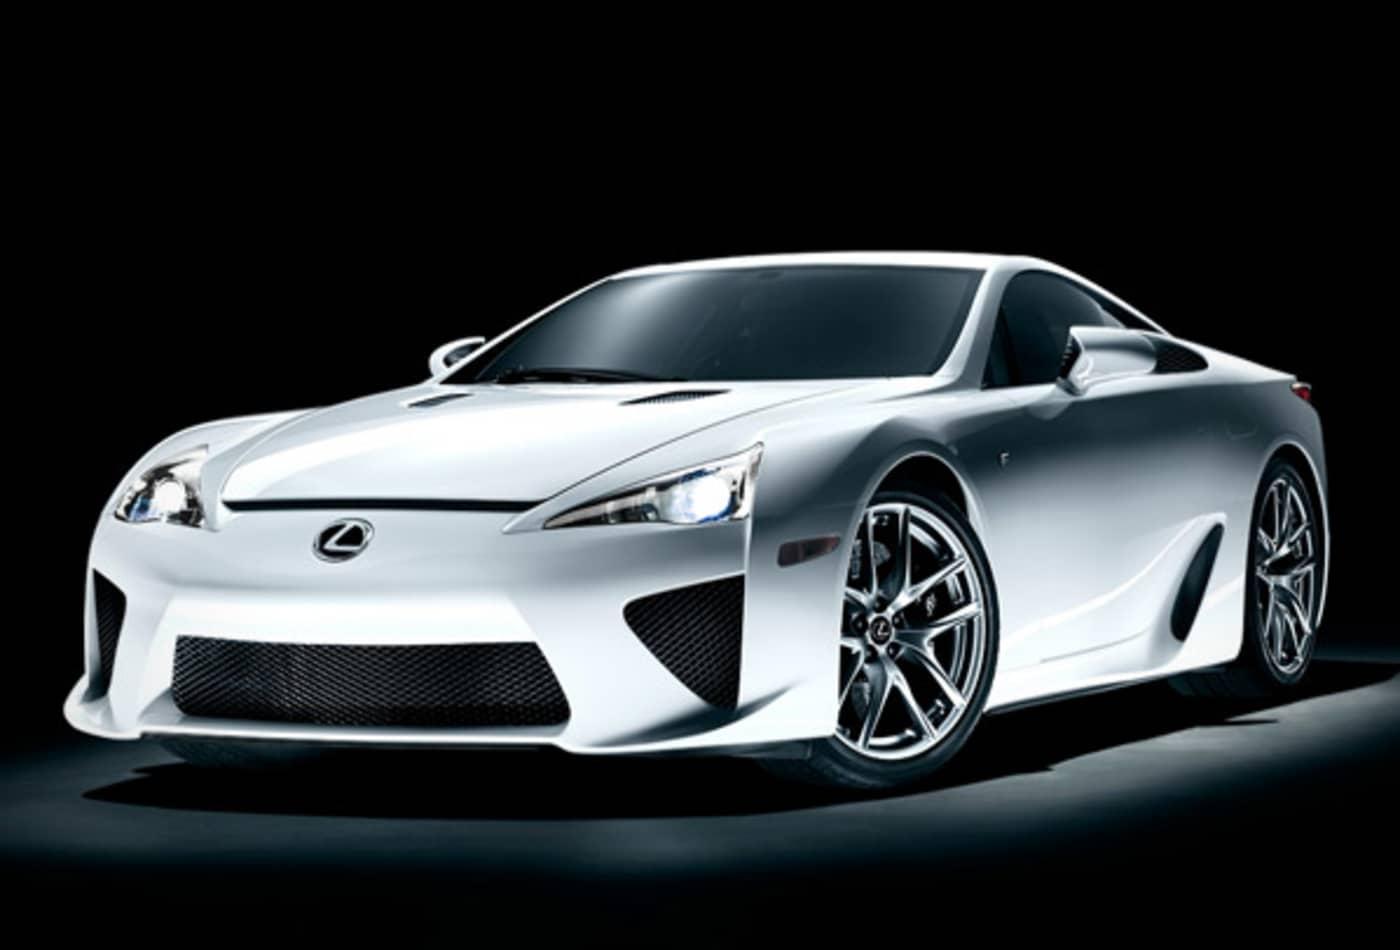 SS_Biggest_Gas_Guzzlers_Lexus_LFA.jpg